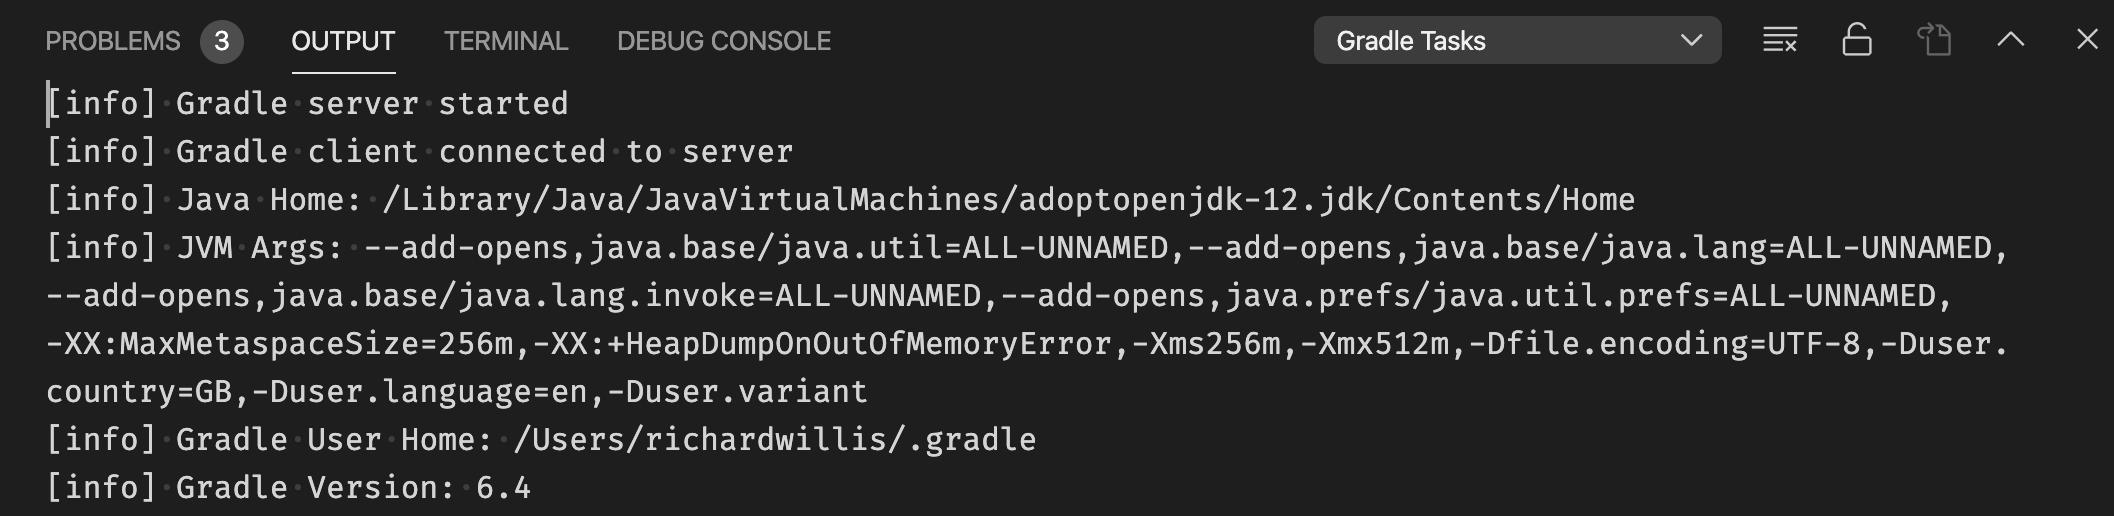 Gradle extension output